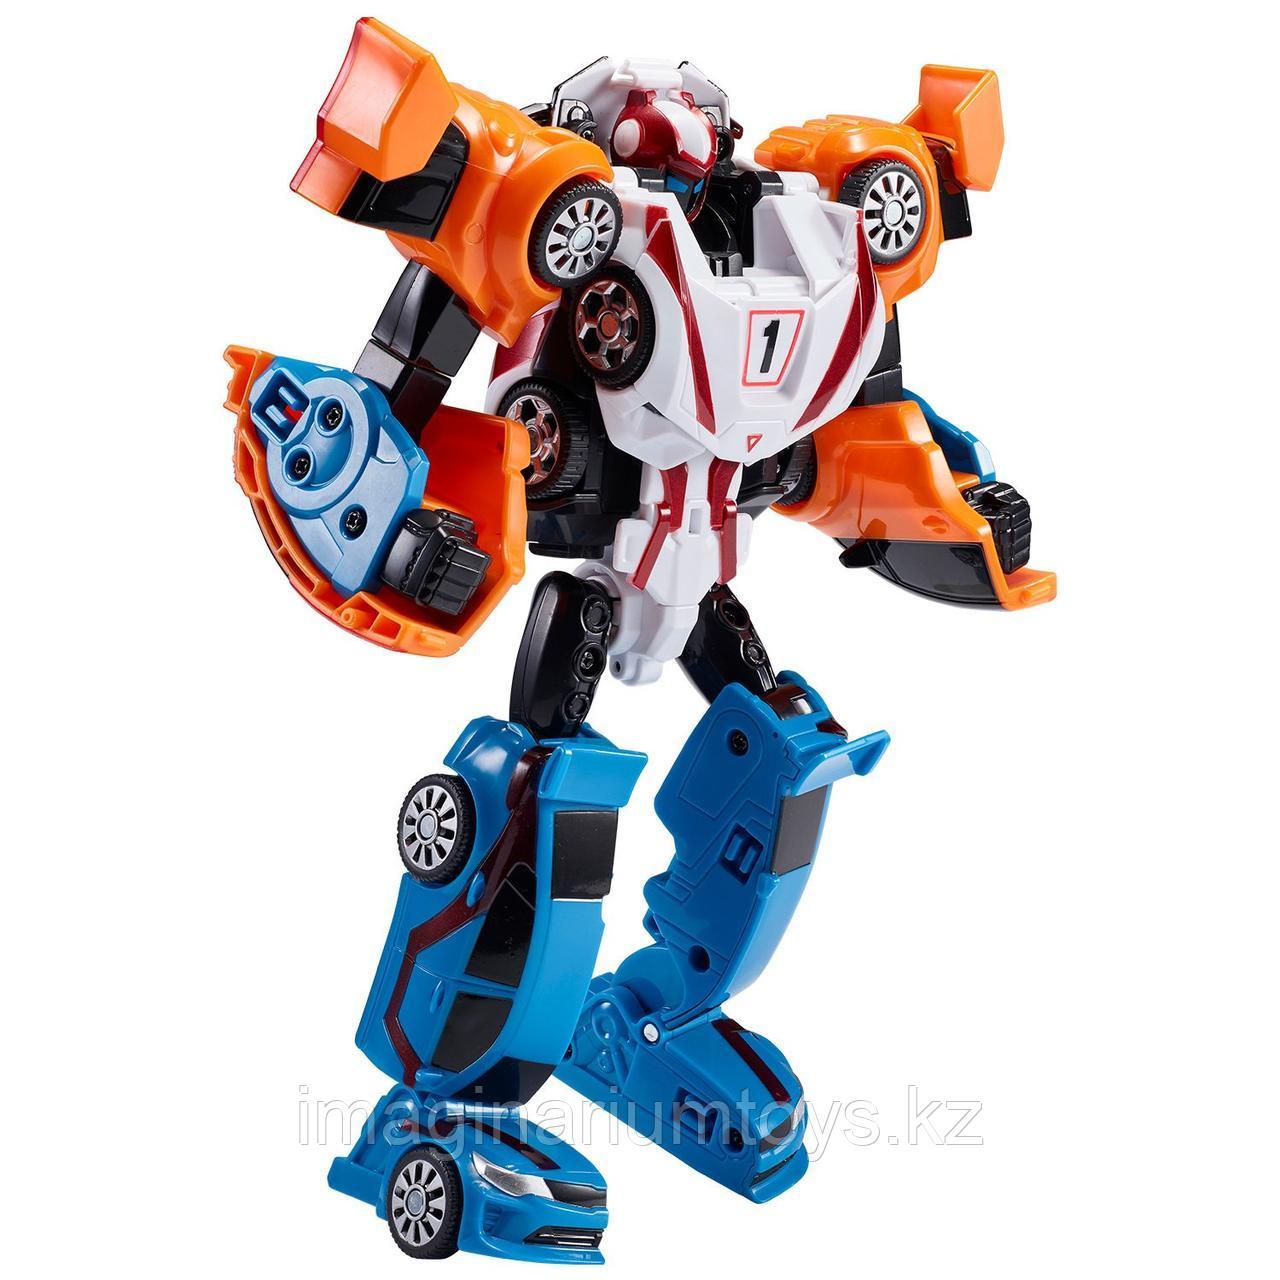 Тобот робот трансформер Атлон Чемпион S2